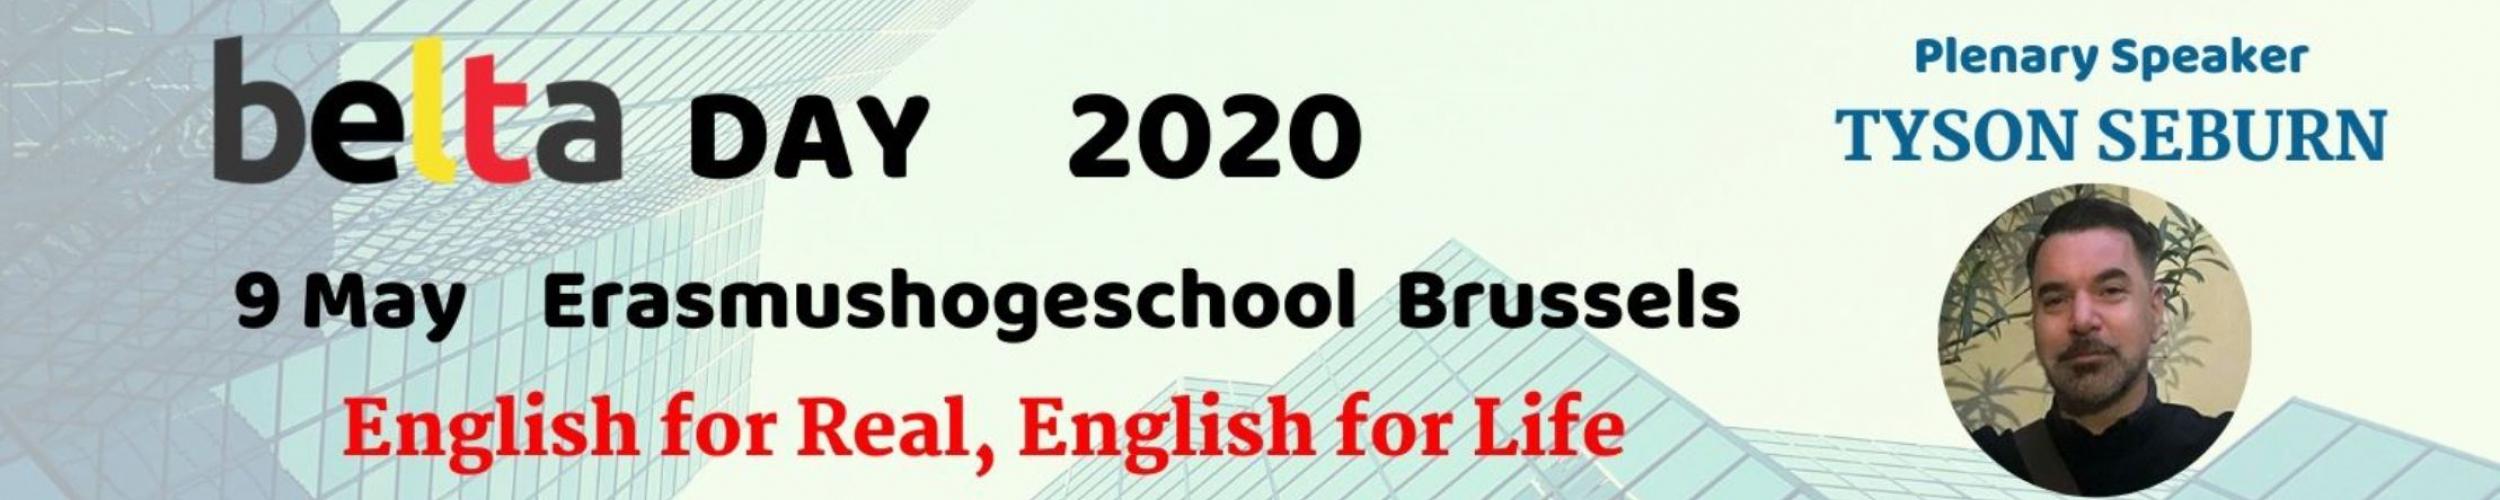 BELTA Day 2020